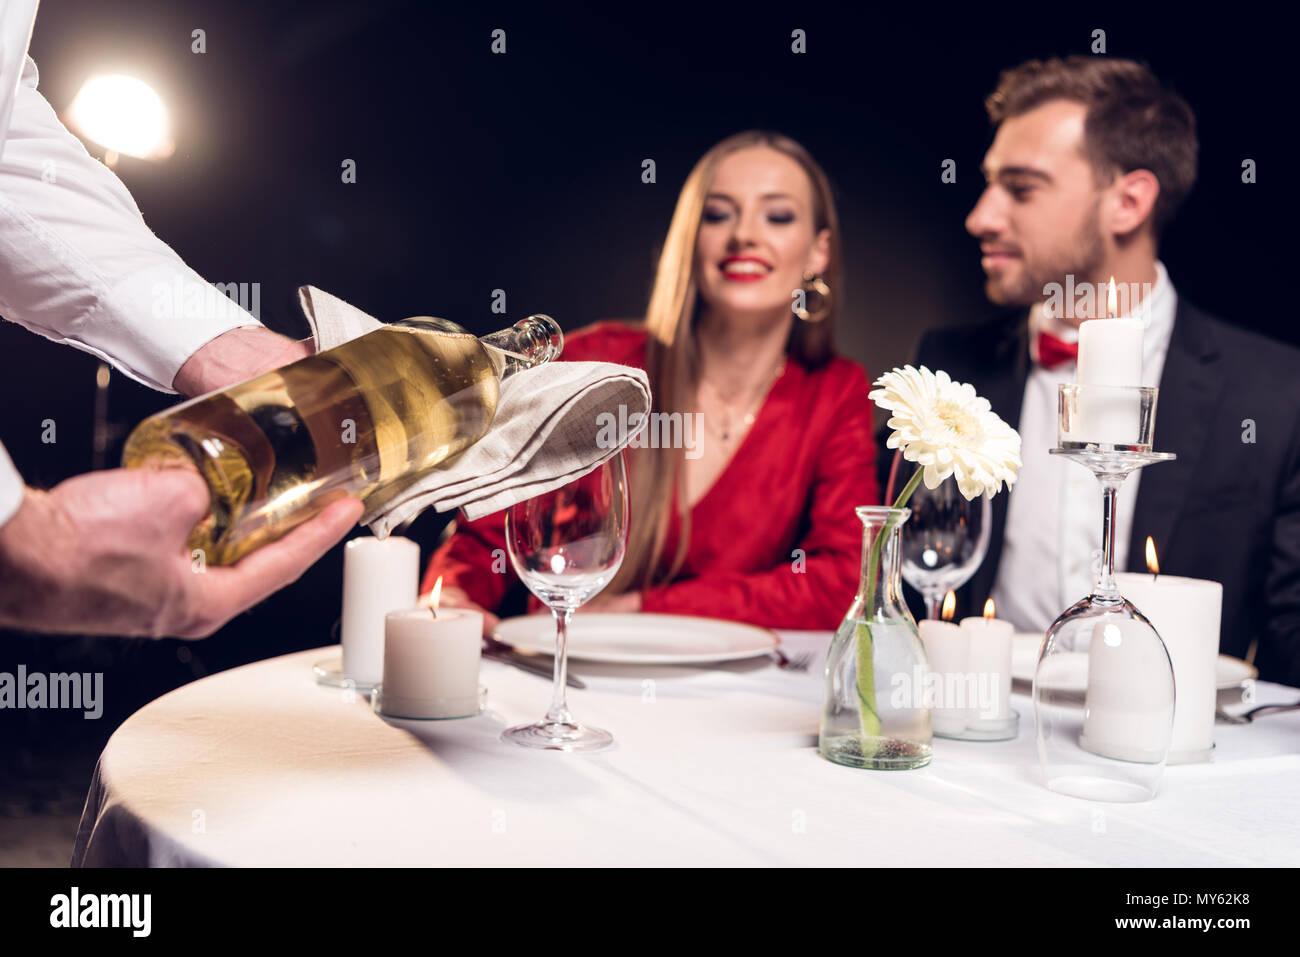 Waiter pouring wine alors que couple having date romantique au restaurant le Jour de Valentines Photo Stock